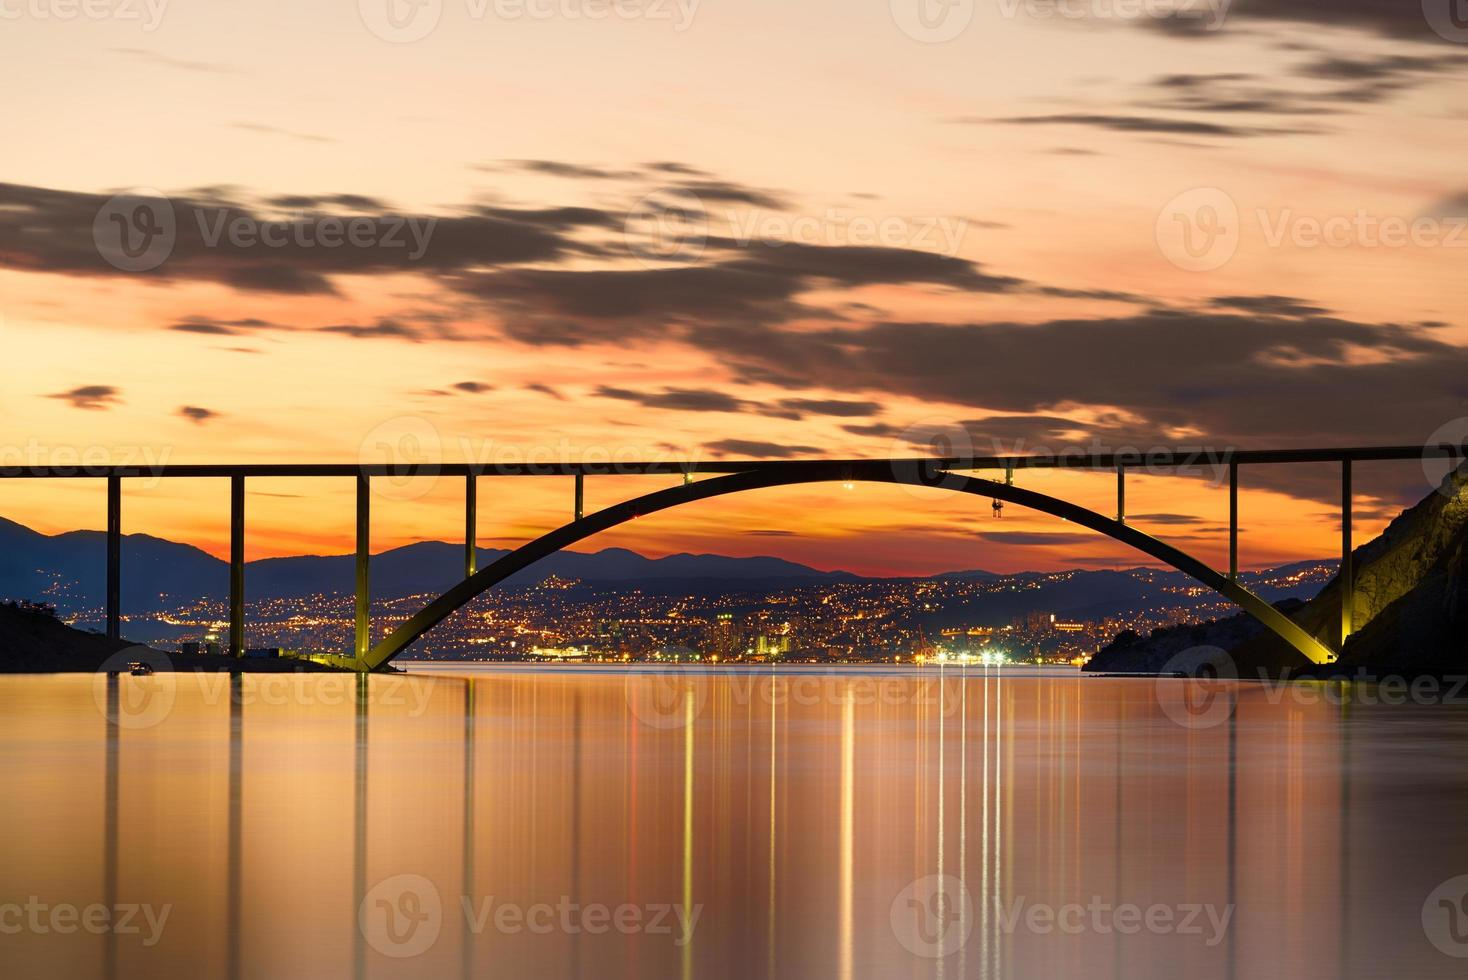 ponte para a ilha de krk ao pôr do sol, croácia foto